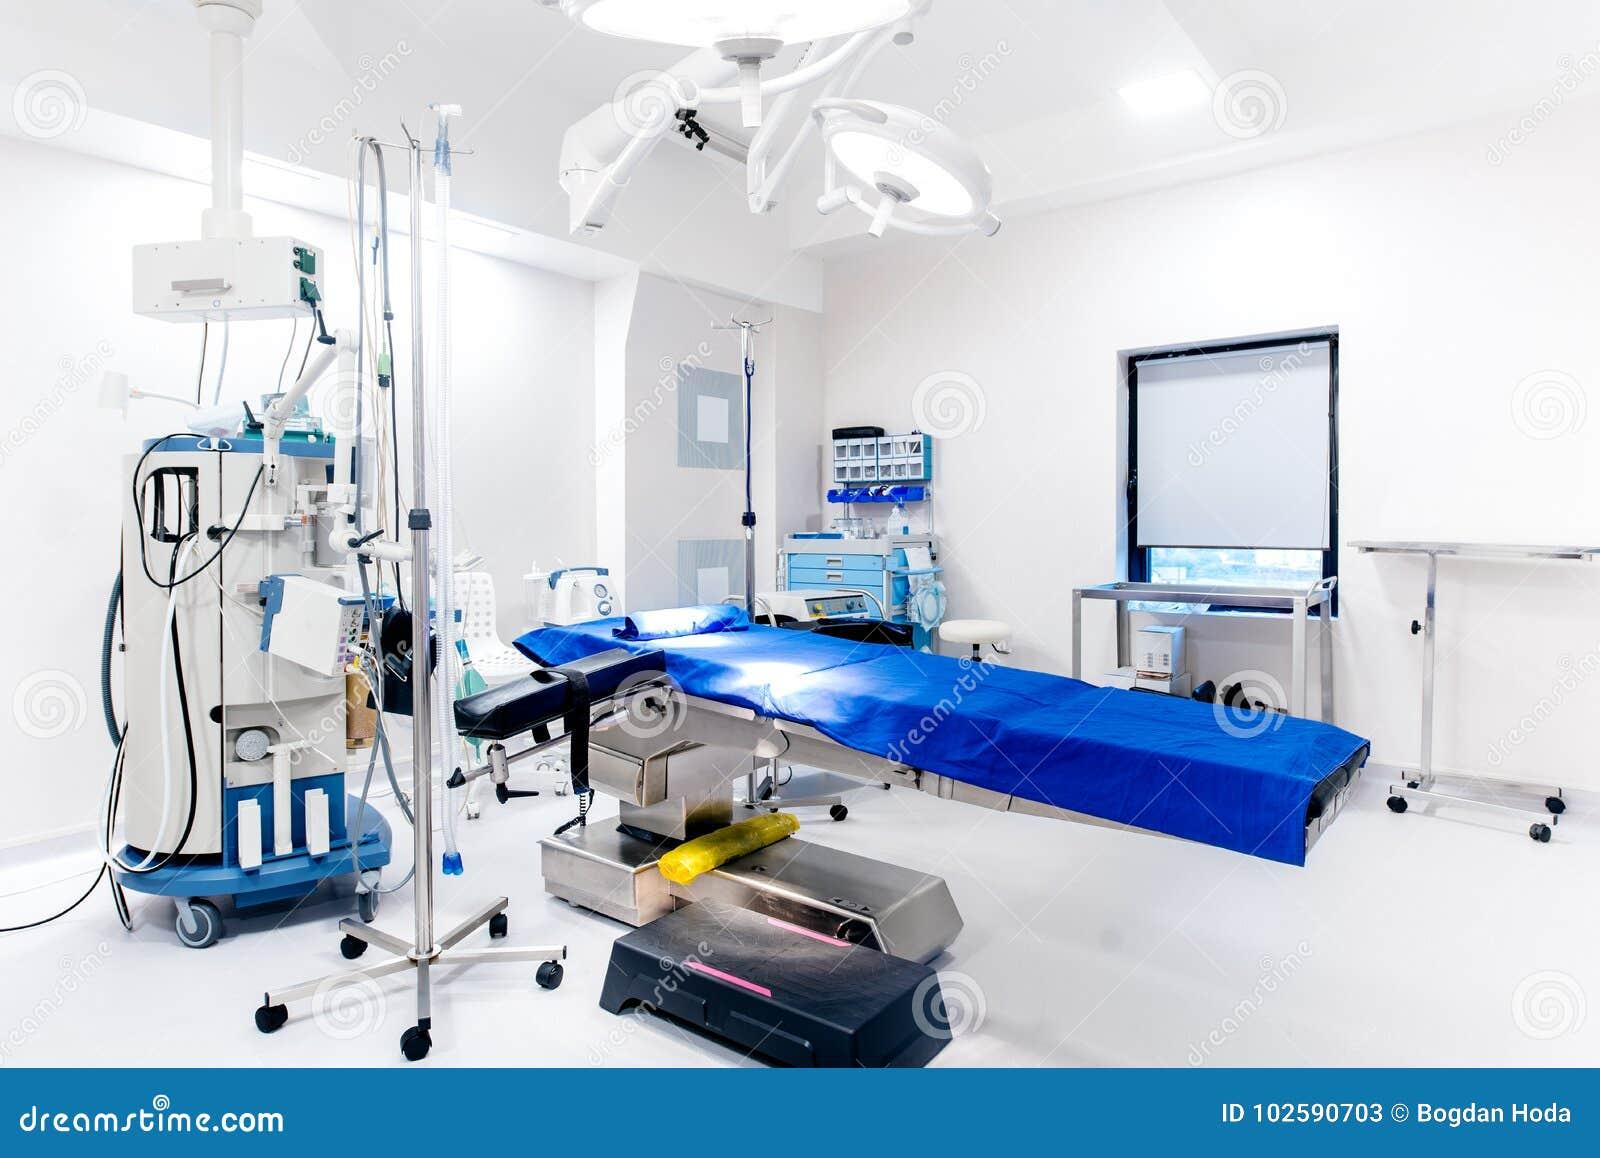 Κενό λειτουργούν δωμάτιο, υποστήριξη προσοχής ζωής, λειτουργών πίνακας, λαμπτήρες και ιατρικός εξοπλισμός